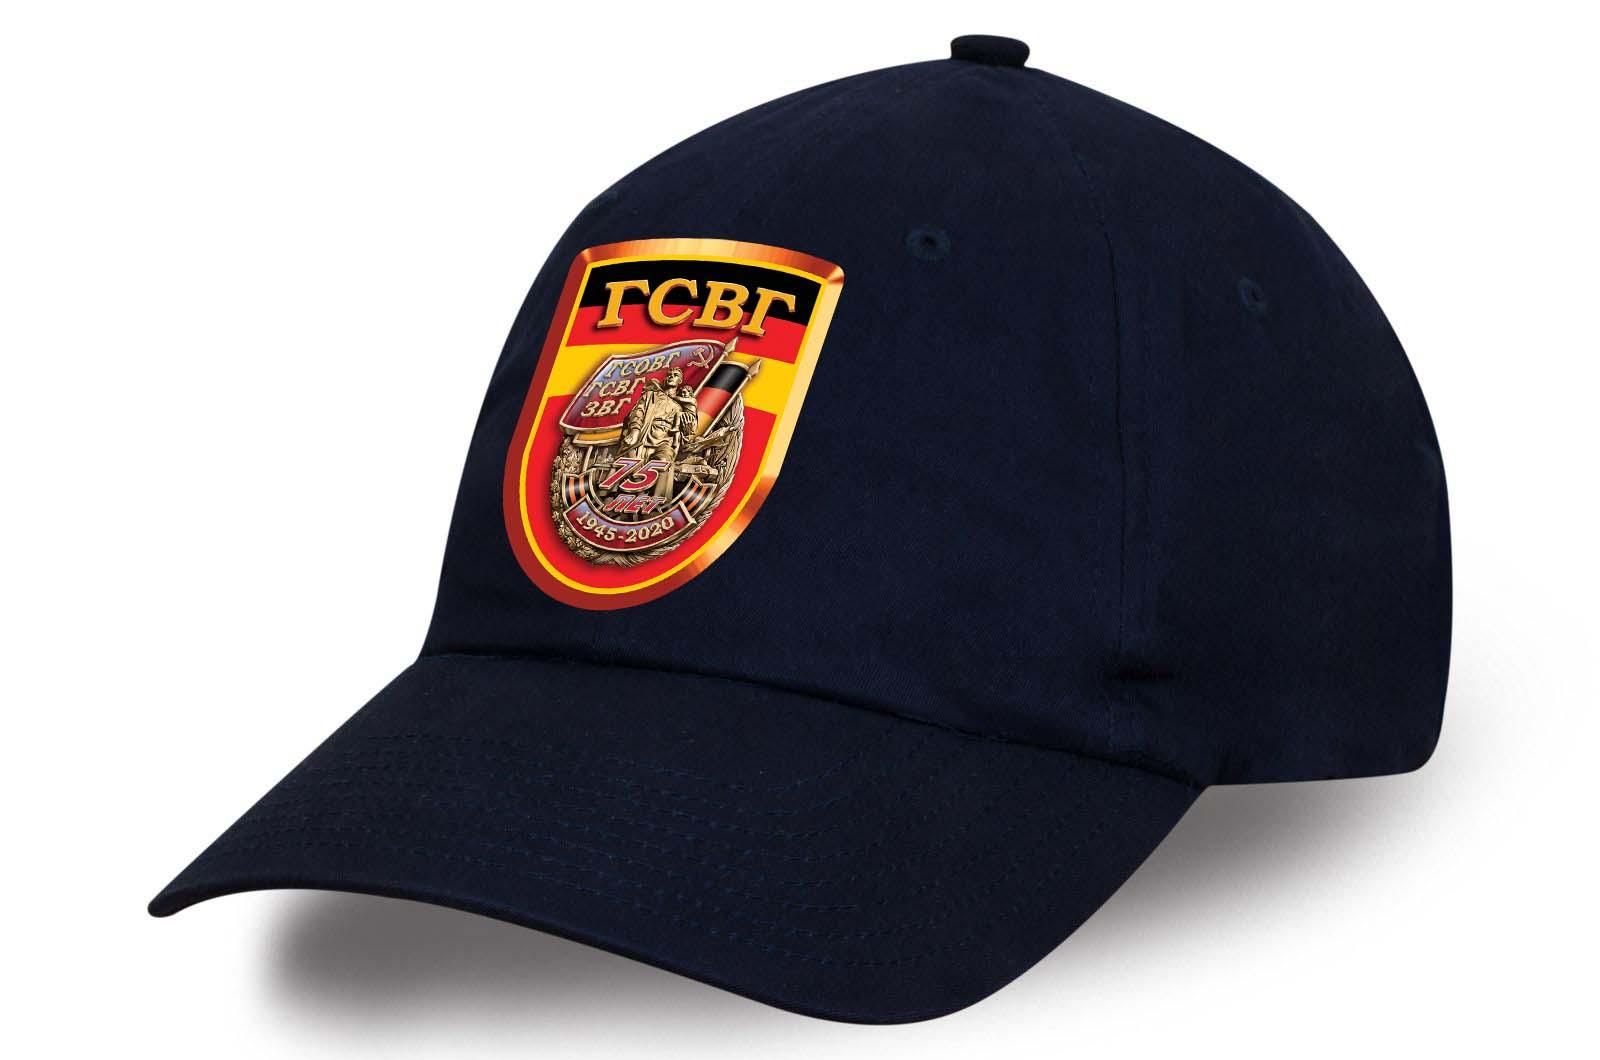 Стильная кепка с термотрансфером ГСВГ купить в подарок